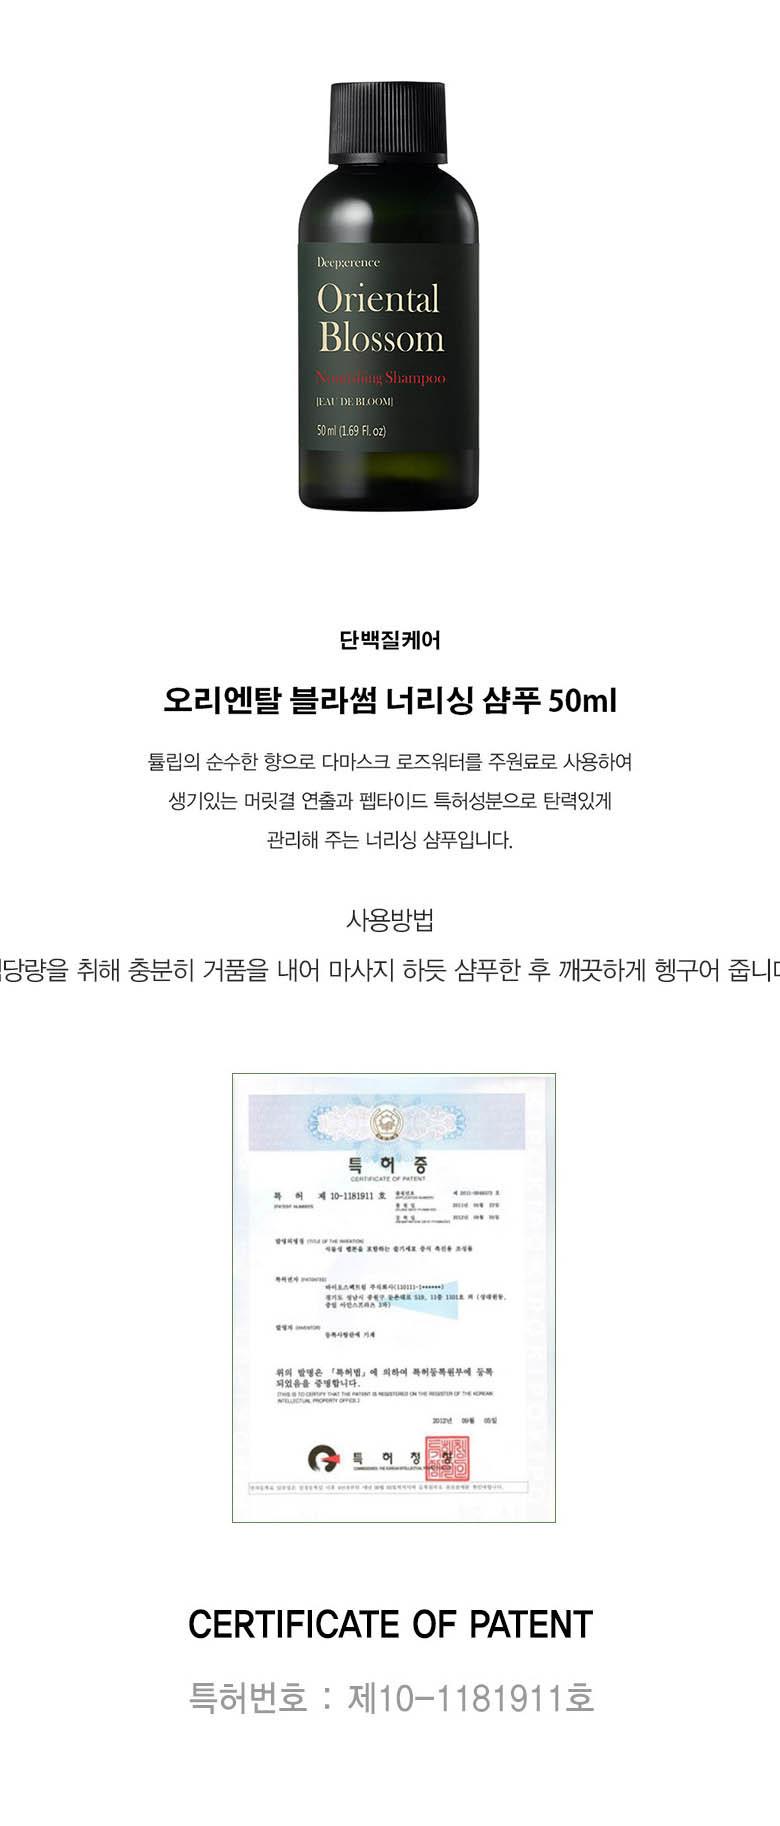 헤어바디 미니어처 트래블키트 4종 SET - 딥퍼랑스, 28,000원, 헤어케어, 샴푸/린스